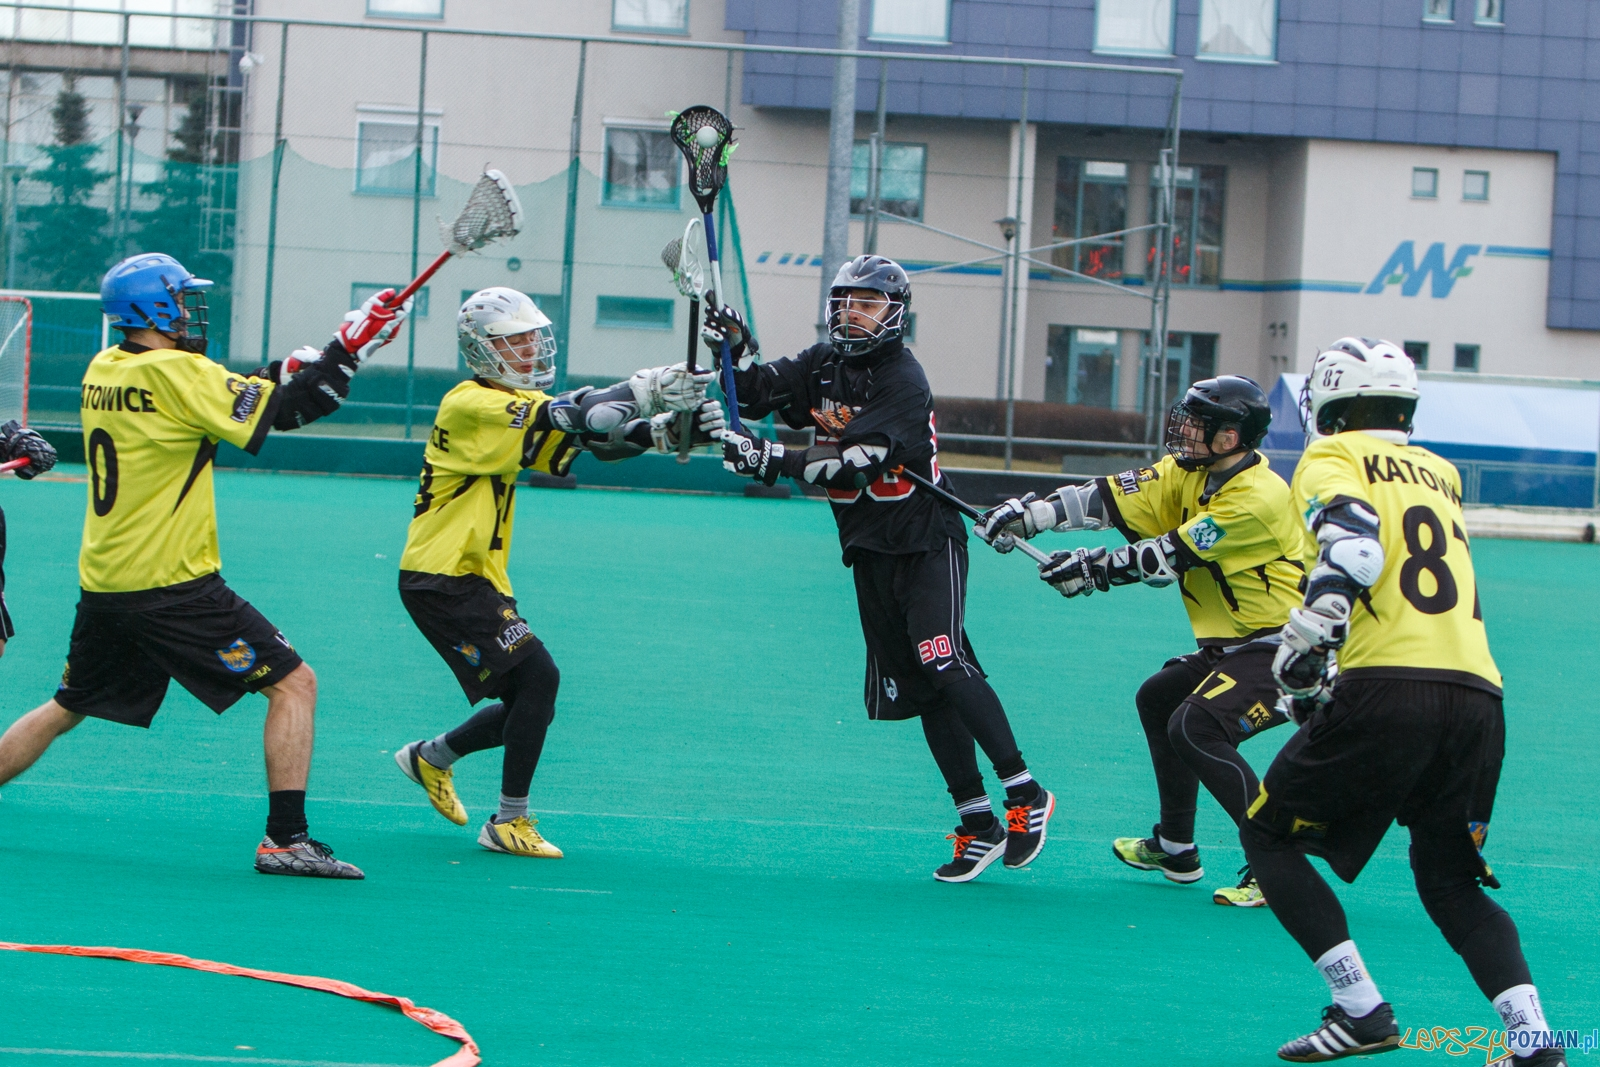 Mecz Lacrosse: Poznań Hussars - Legion Katowice 7:2 - Poznań 1  Foto: LepszyPOZNAN.pl / Paweł Rychter